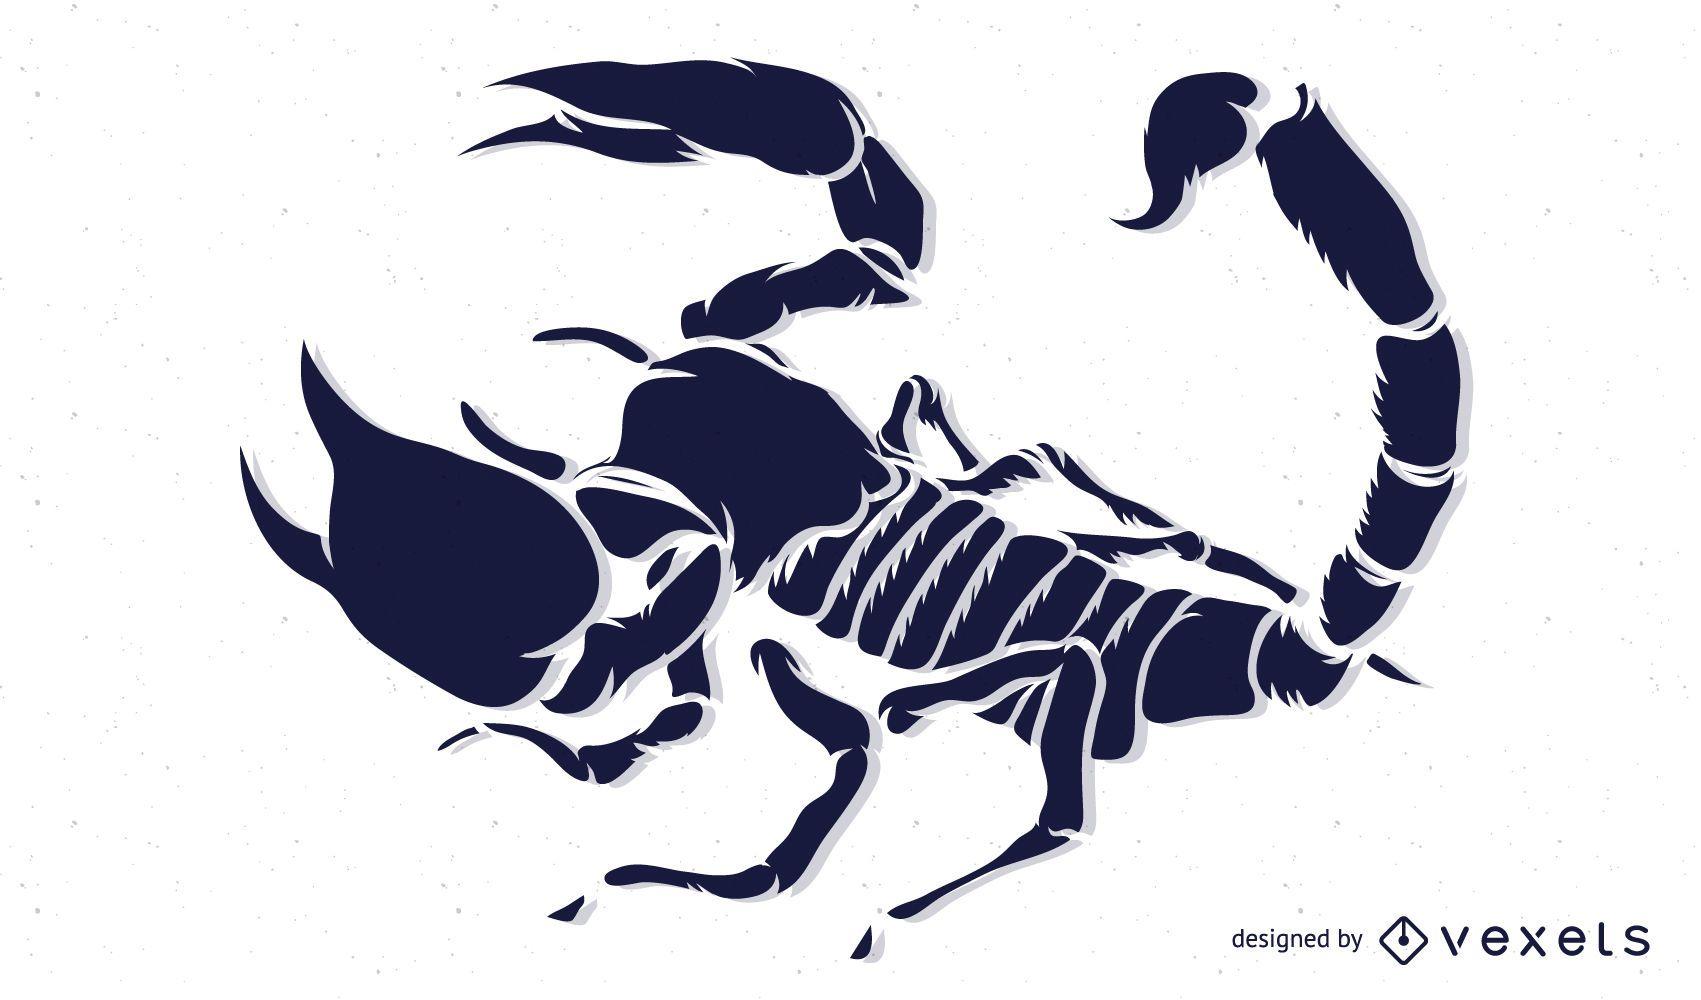 Diseño de silueta detallada de escorpión